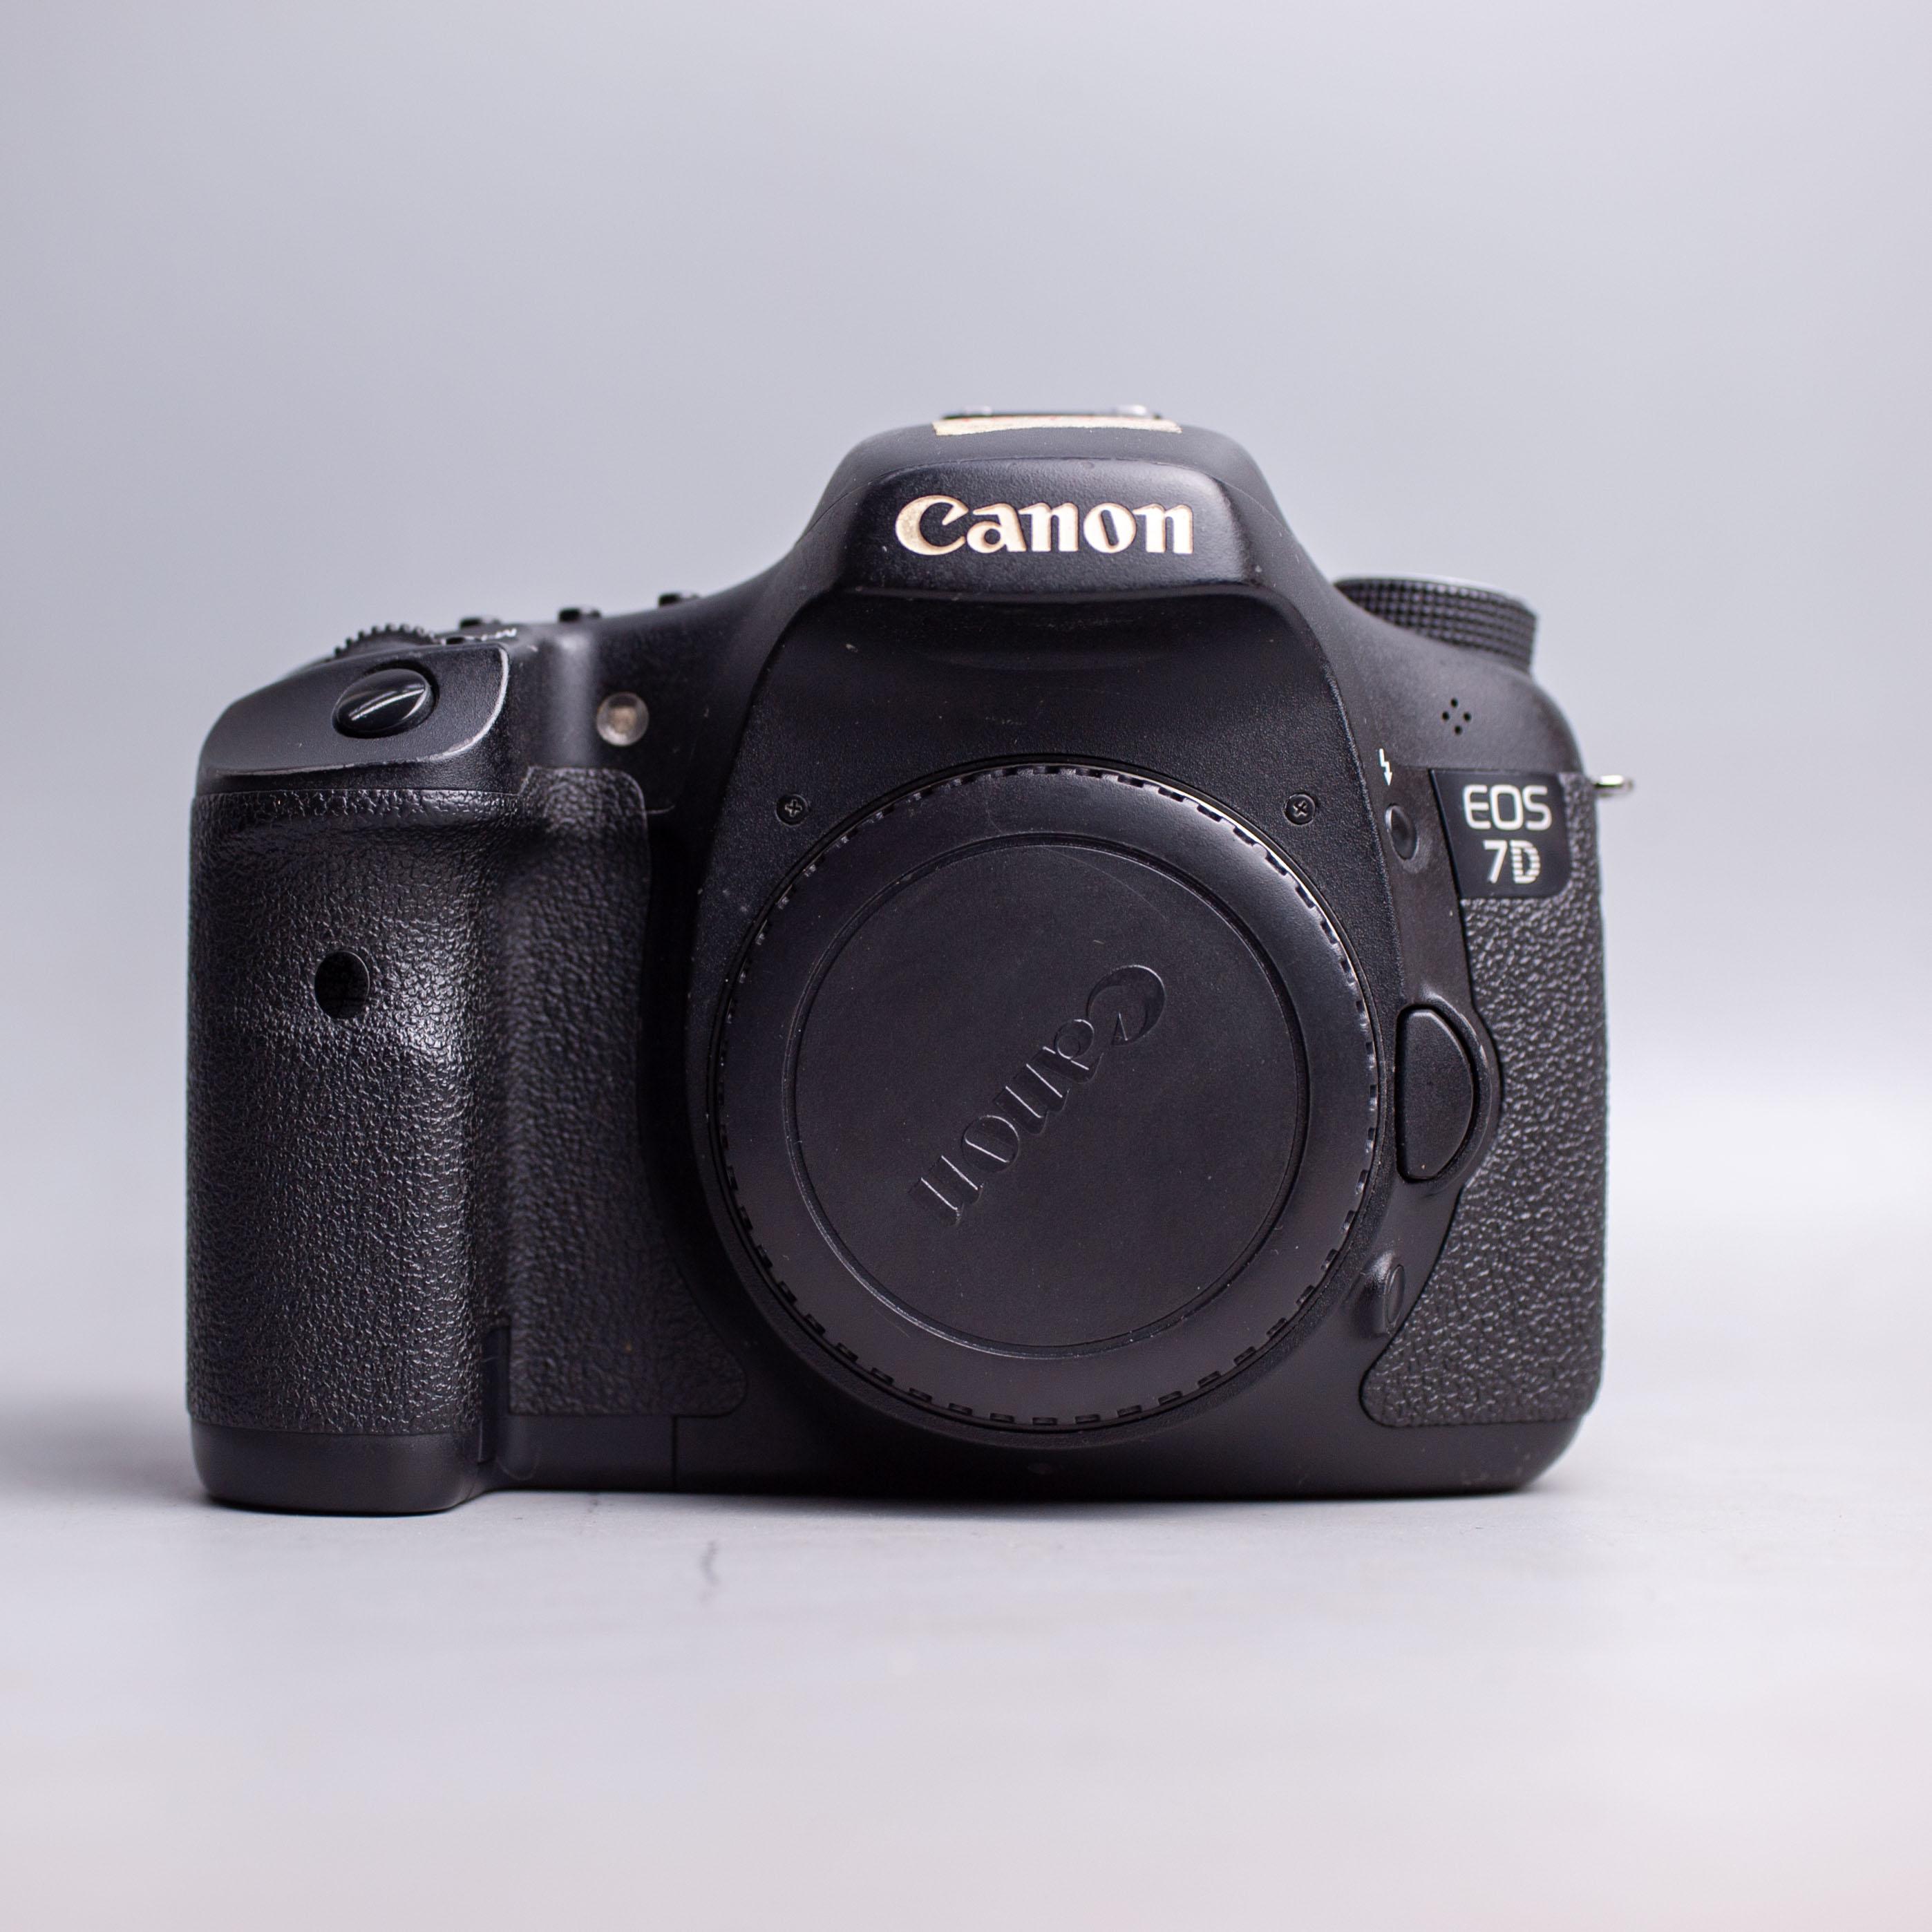 canon-eos-7d-body-15432